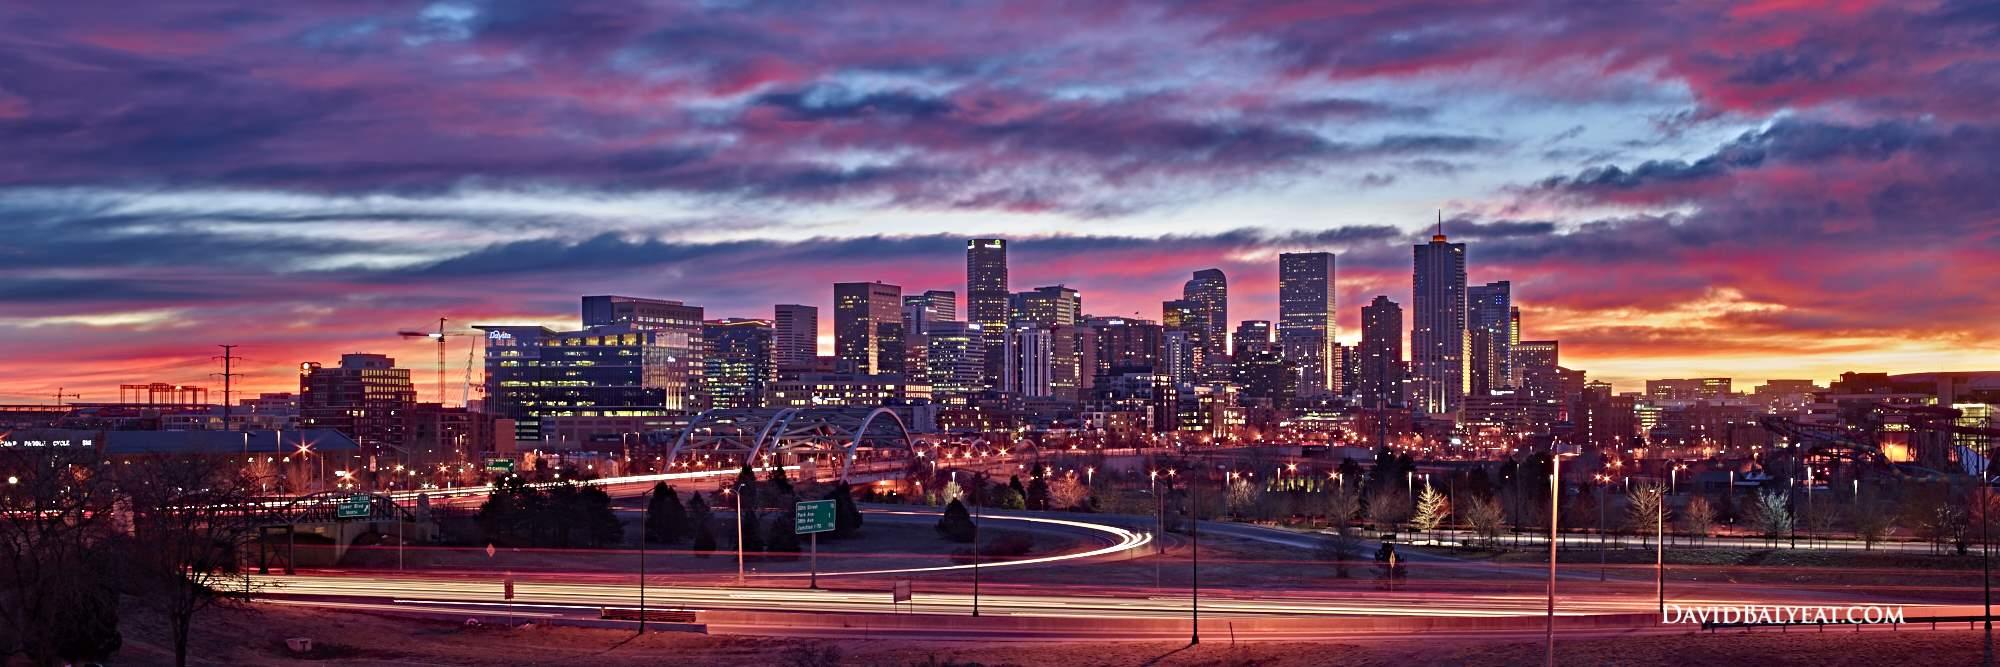 city landscape photography - photo #26